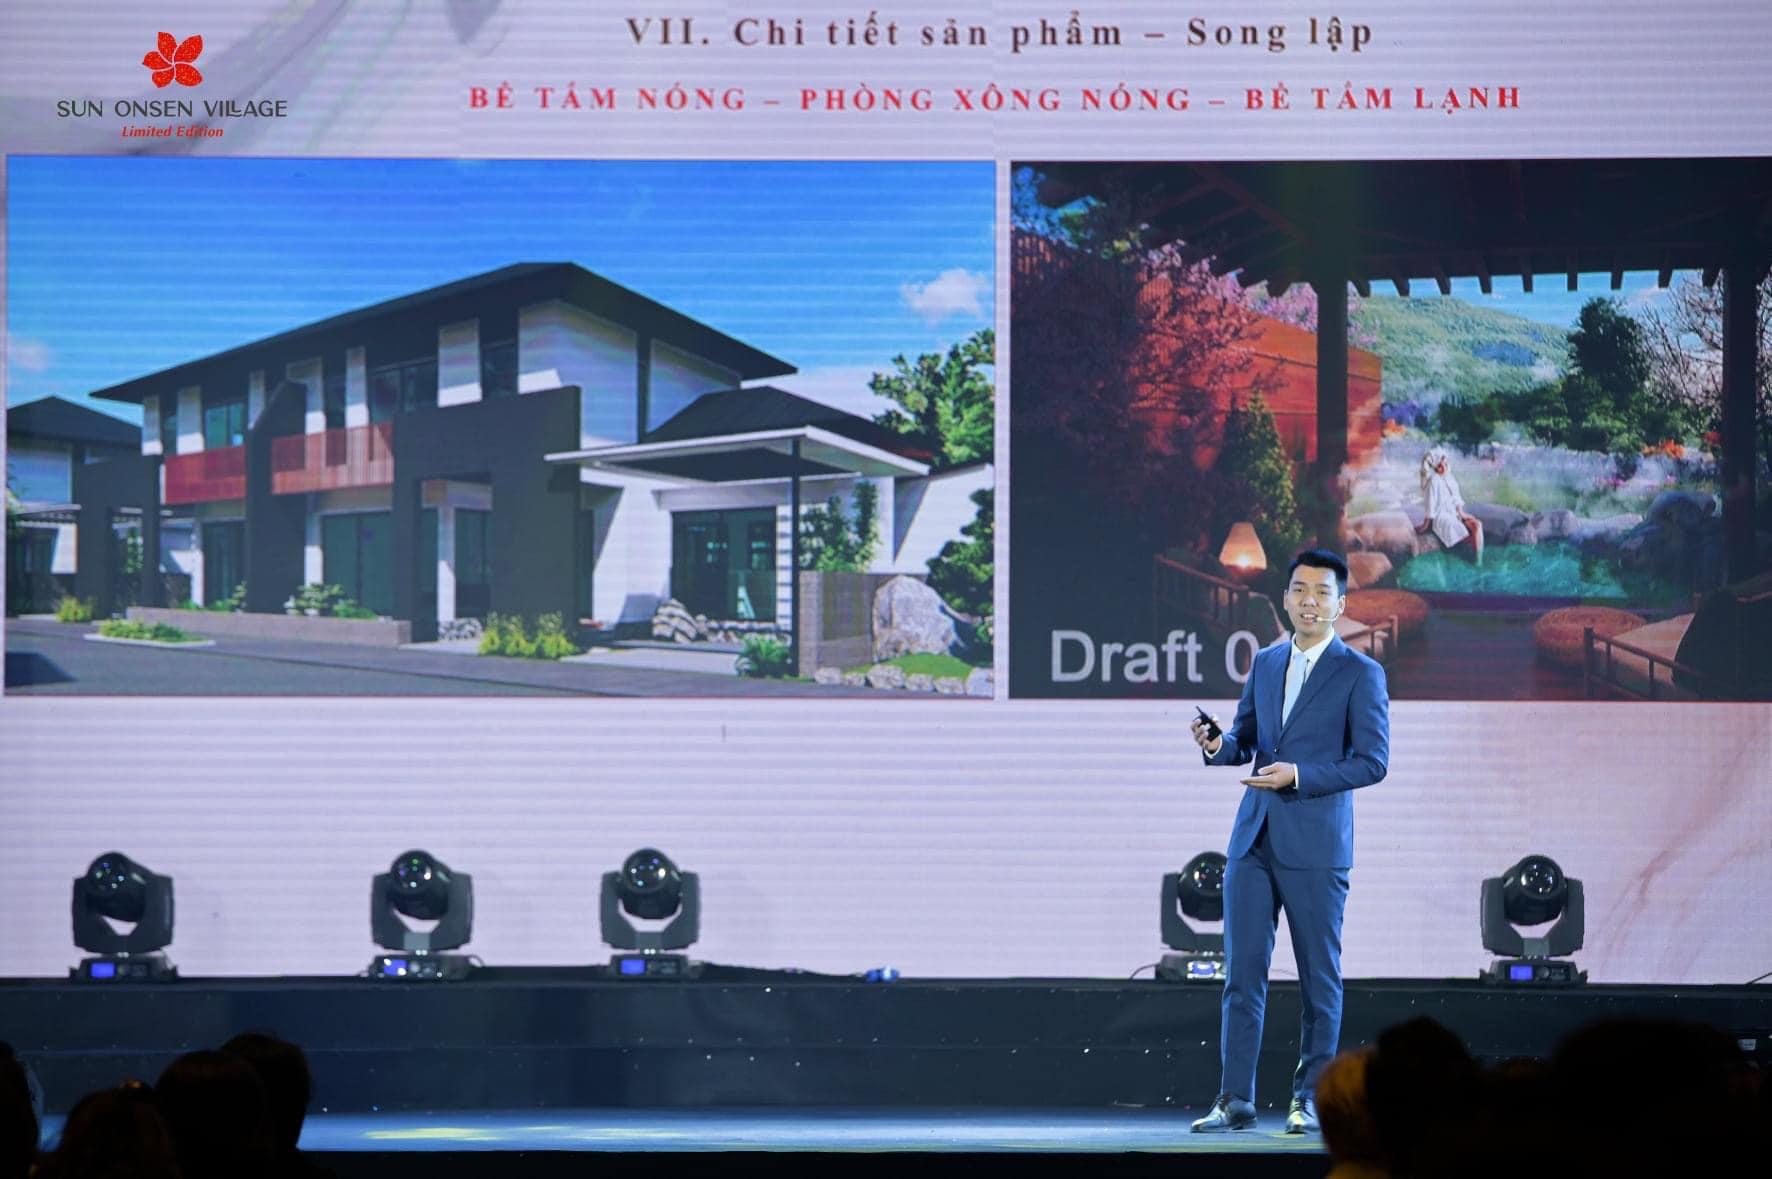 Chia sẻ của CĐT về dự án Sun Onsen Village